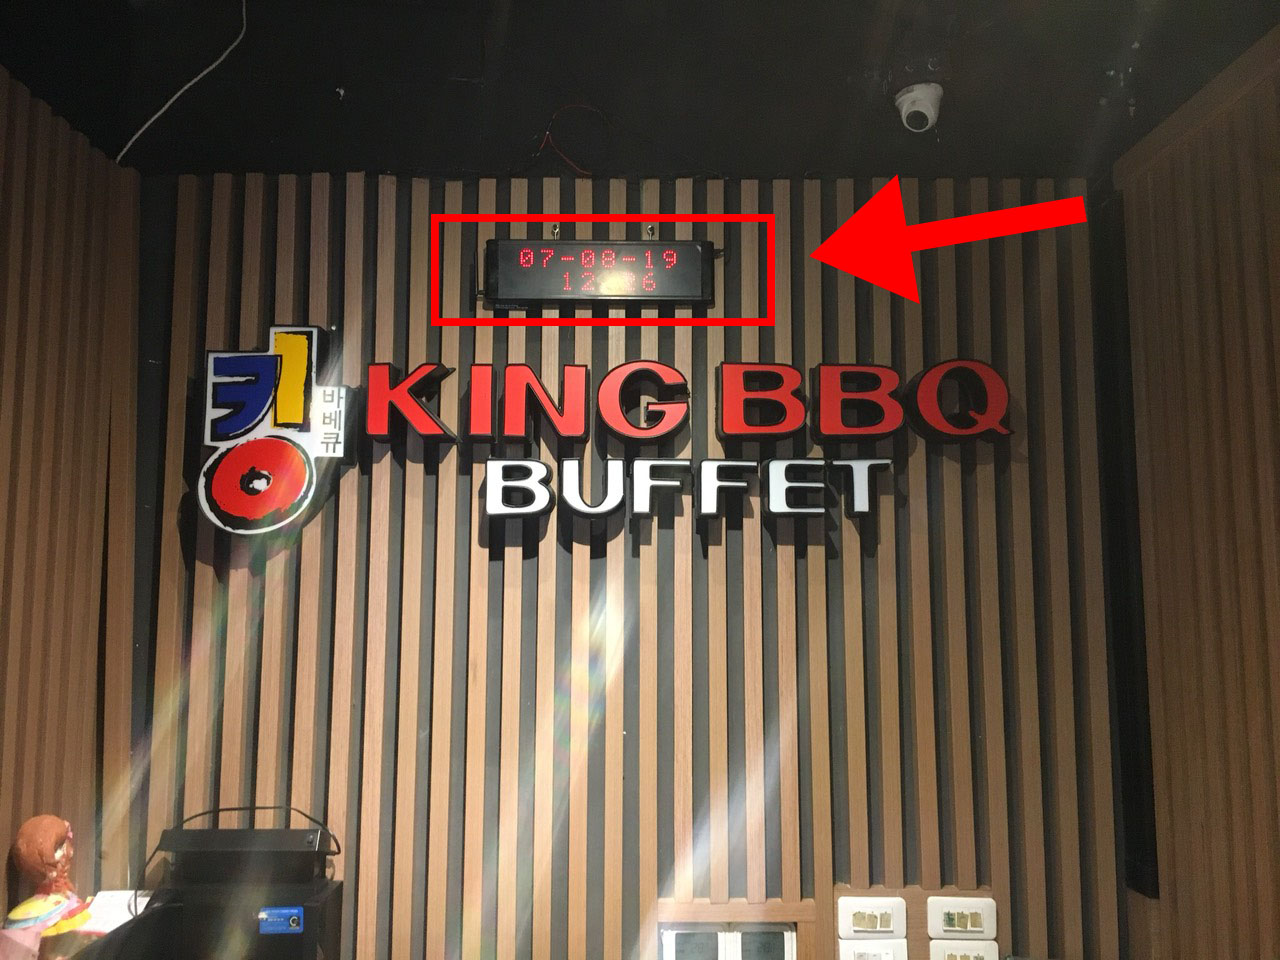 Lắp đặt chuông gọi nhân viên tại nhà hàng King BBQ Atermis số 7 Lê Trọng Tấn